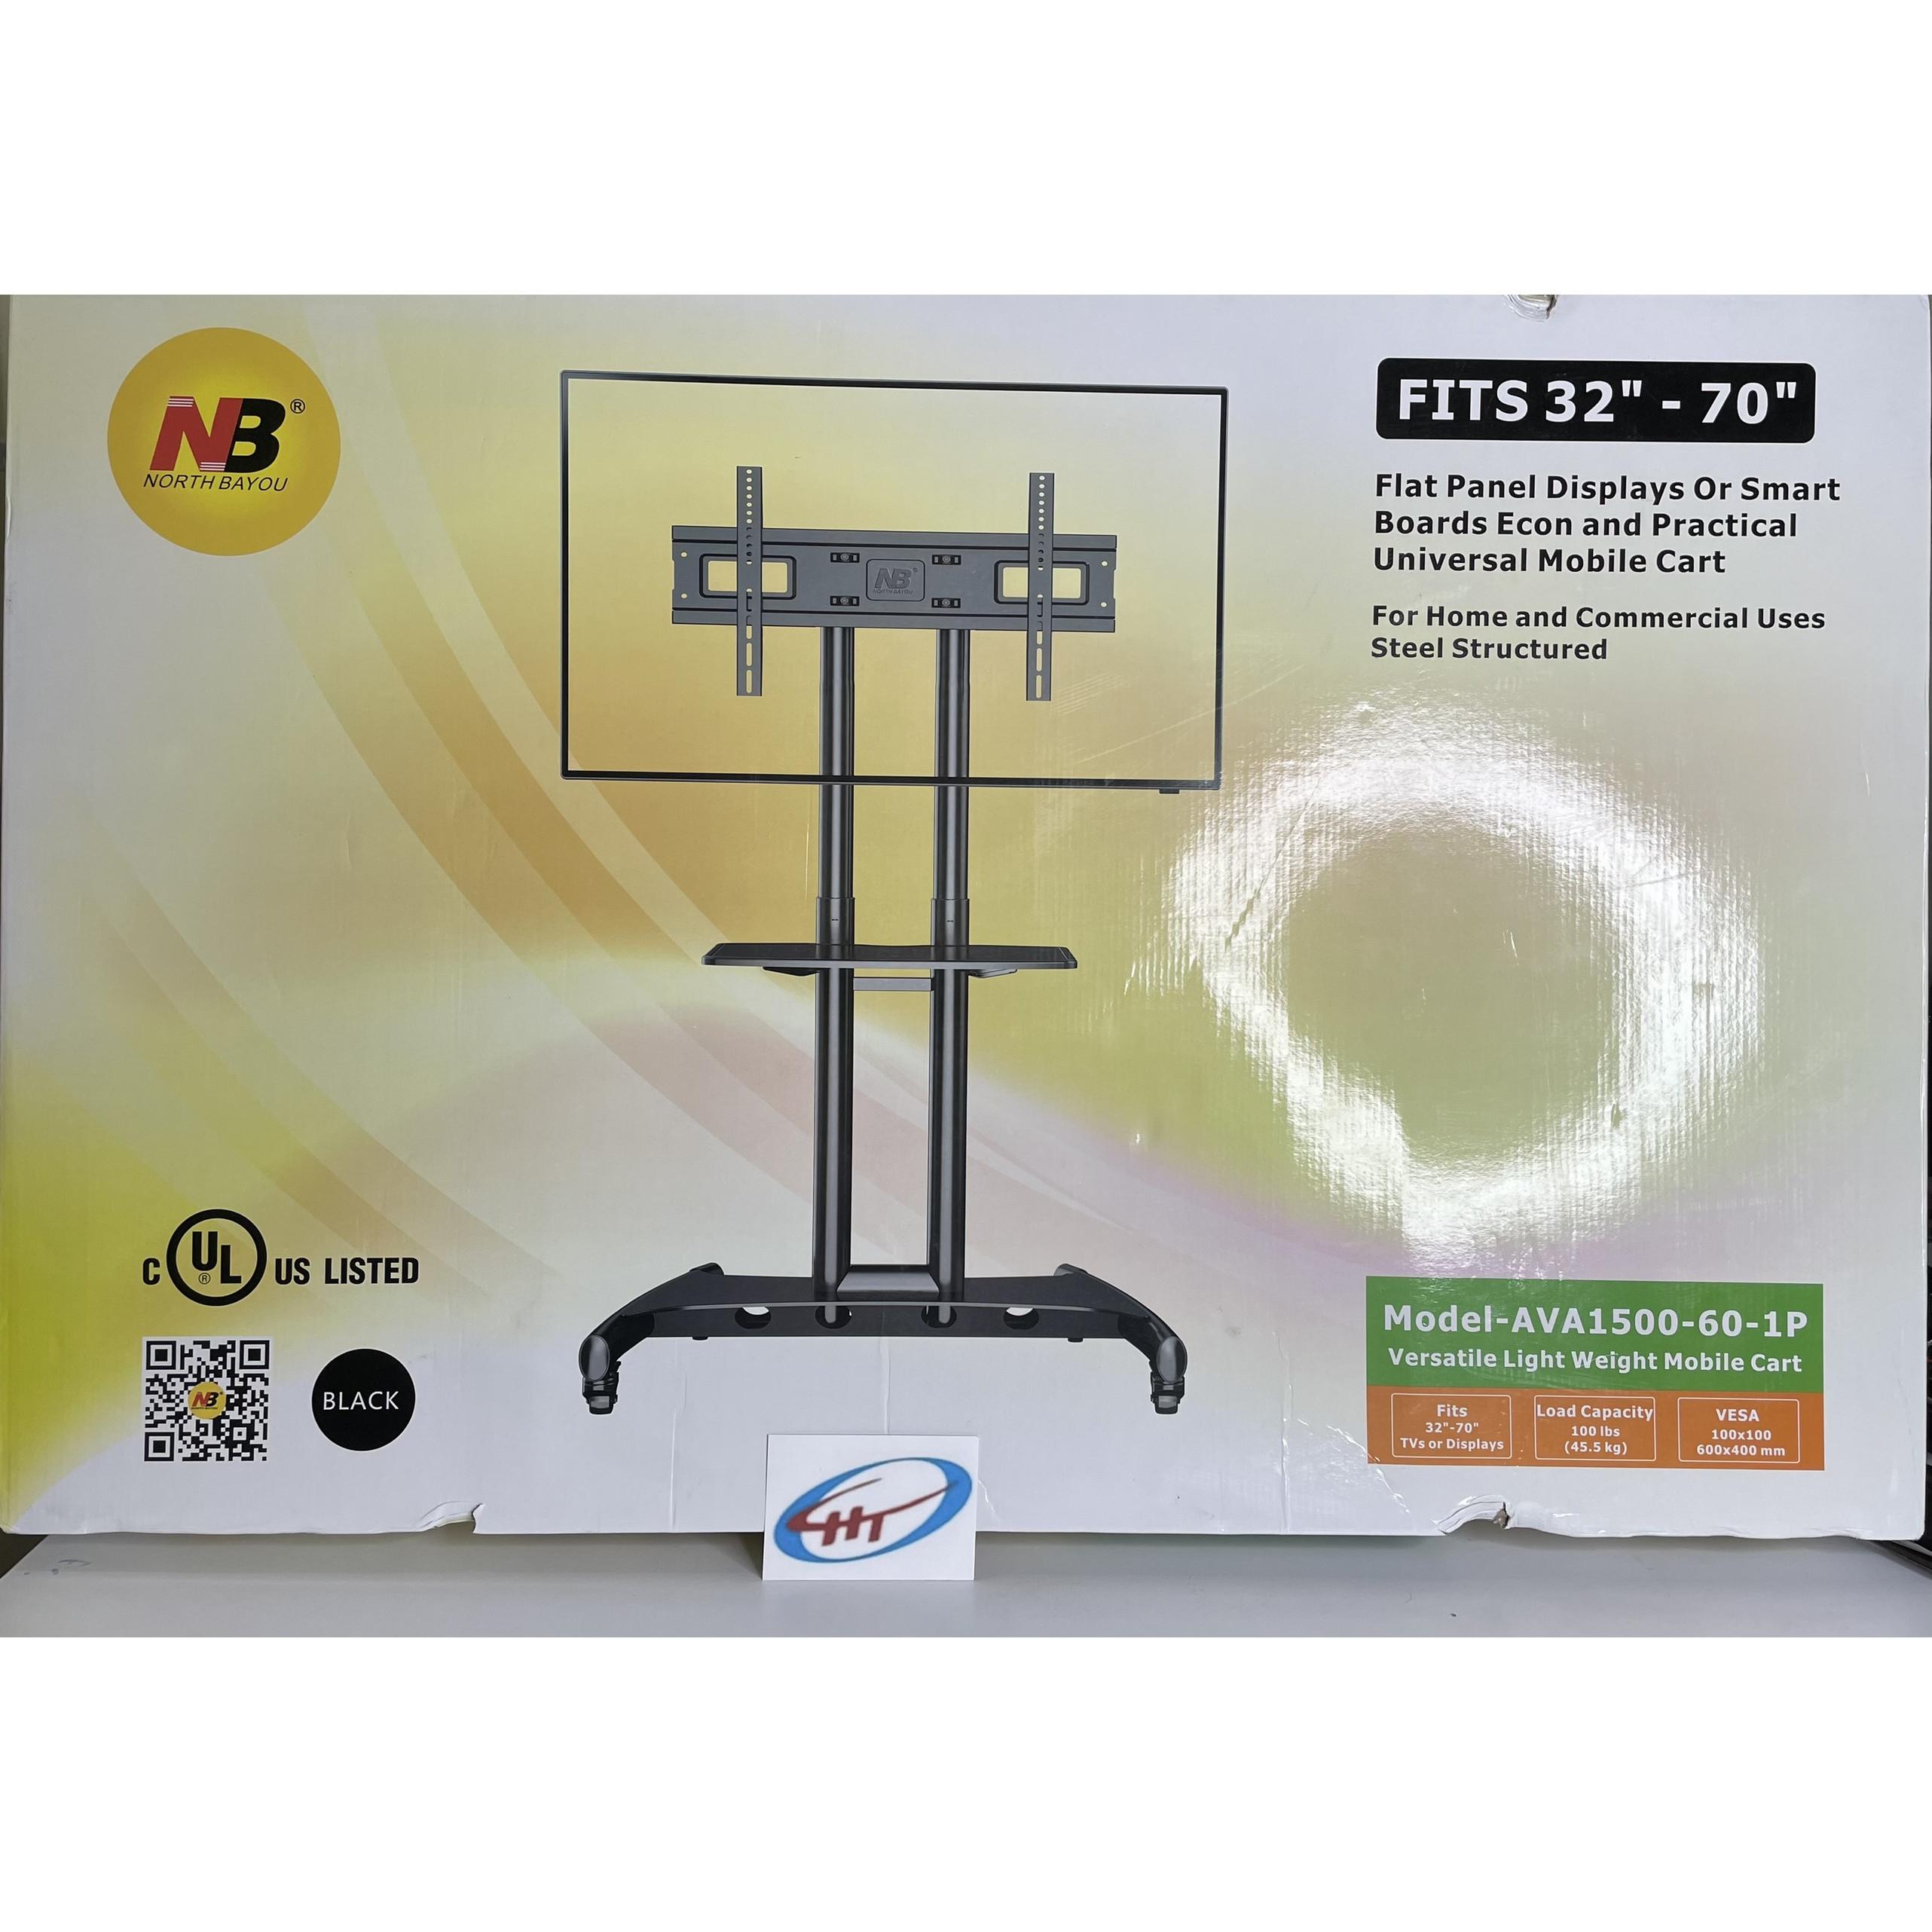 Giá Treo TiVi Di Động AVA1500 Màu Đen Lắp Cho Màn Hình 32 inch - 70 inch Hàng Nhập Khẩu